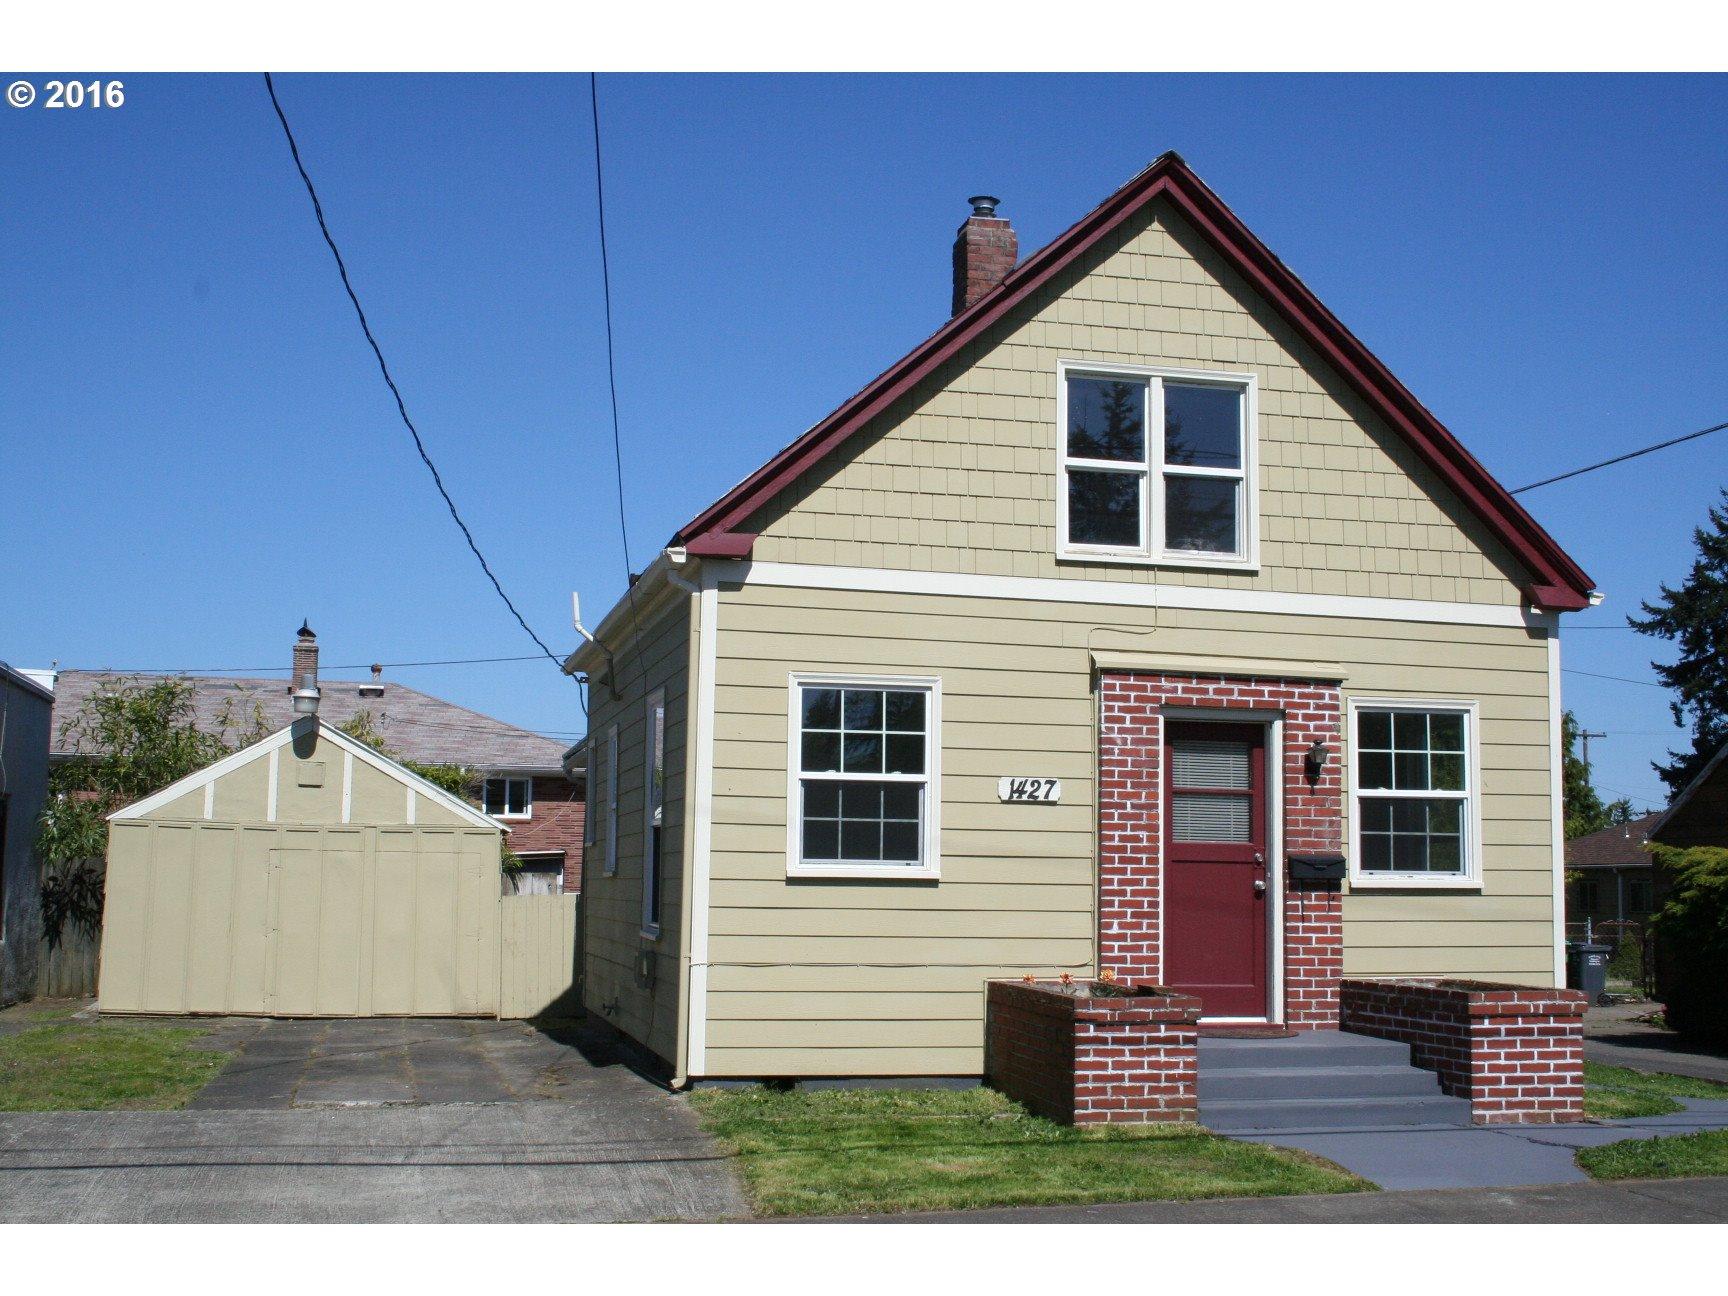 1427 N Bryant St, Portland, OR